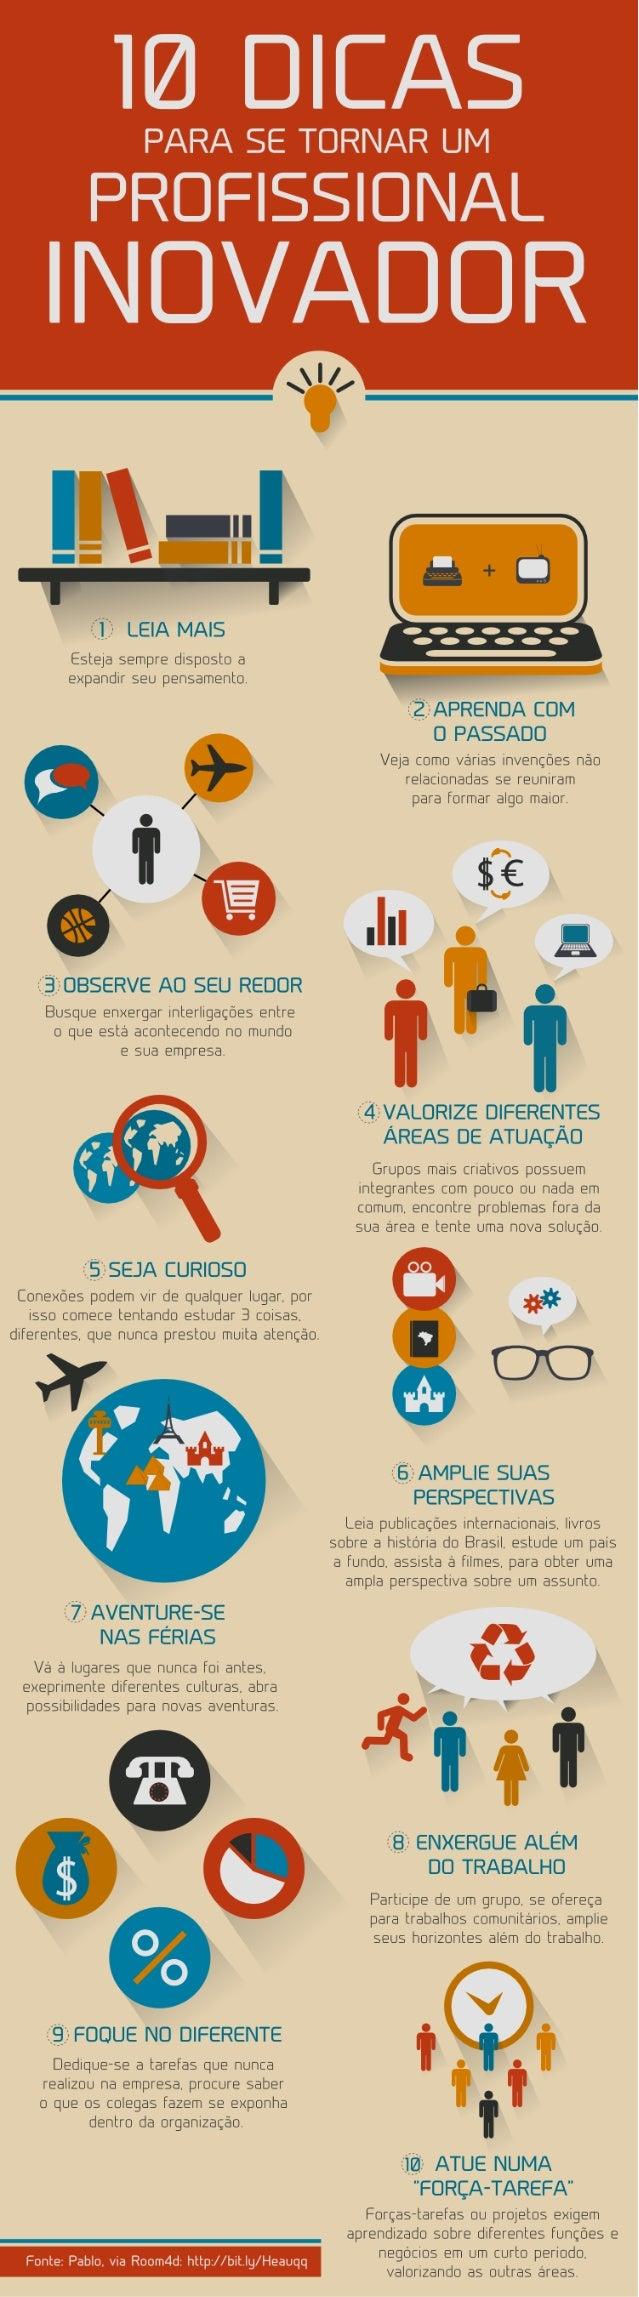 Infográfico: 10 Dicas para ser um profissional inovador